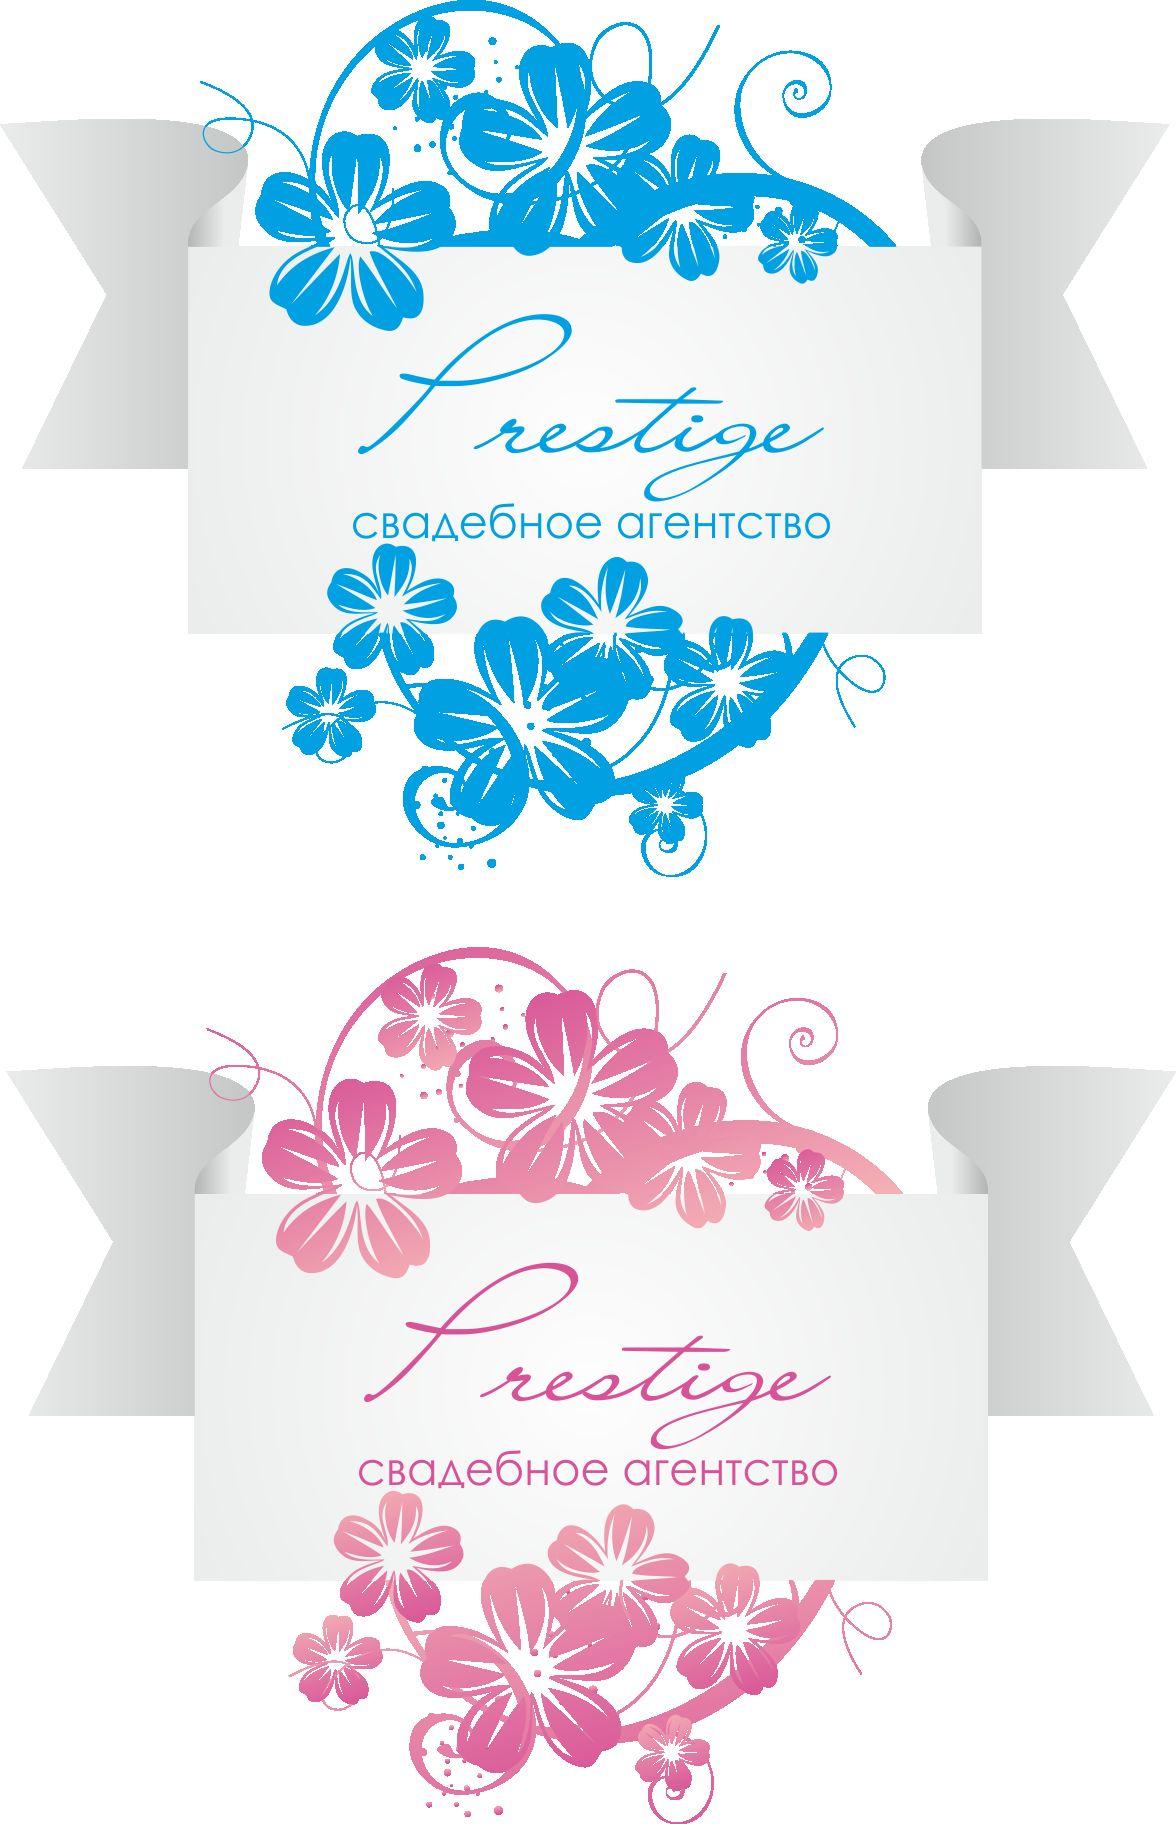 Логотип для свадебного агентства Prestige - дизайнер Paar